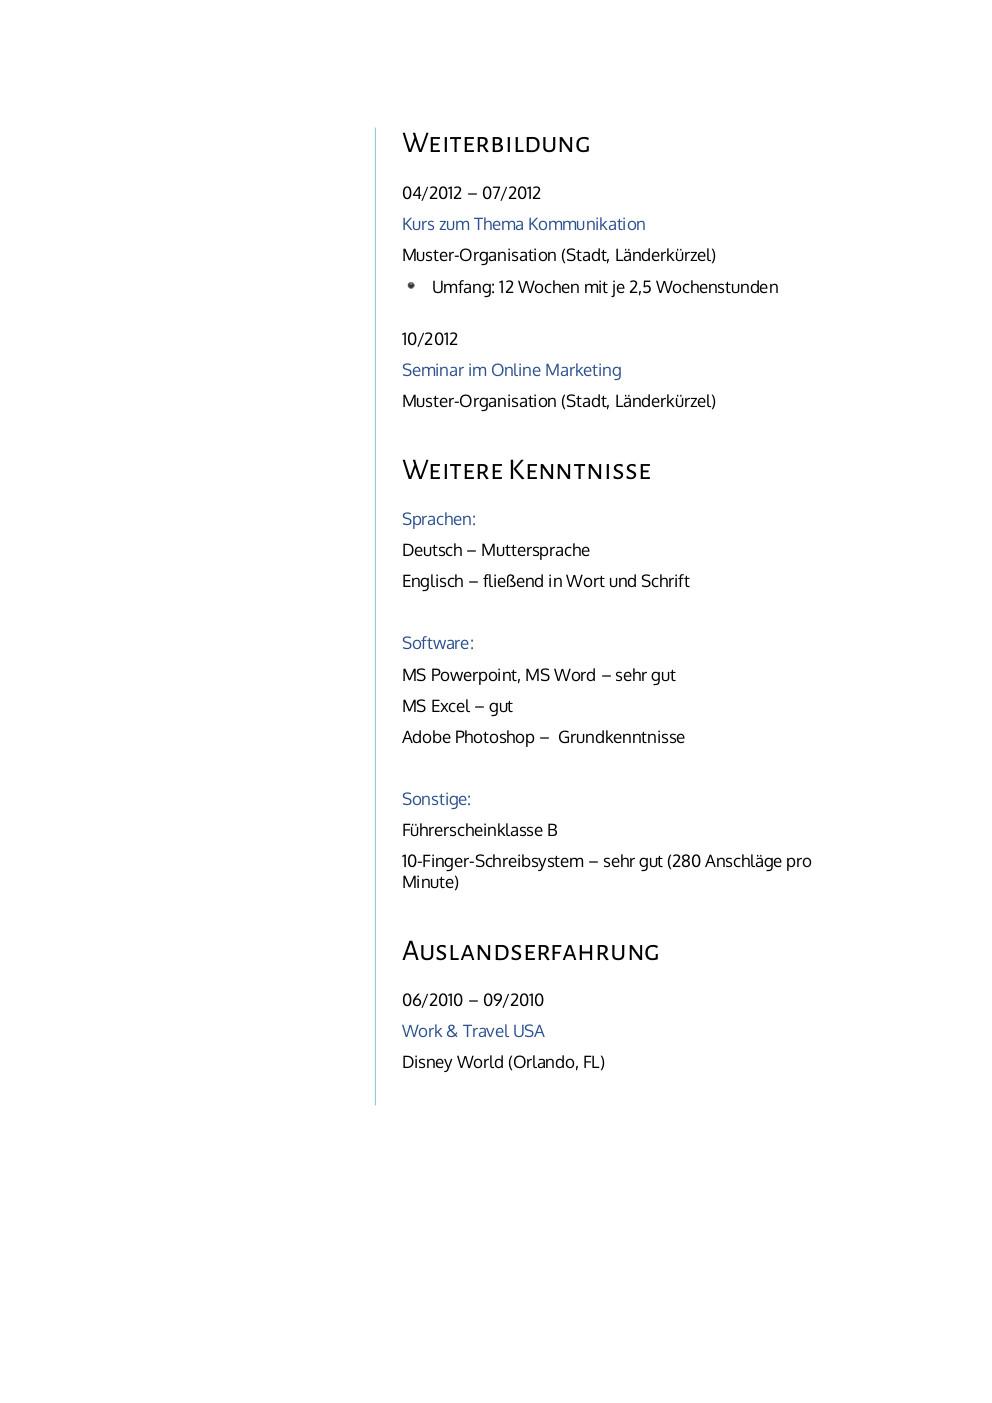 Erfreut Bauingenieur Regierung Lebenslauf Galerie - FORTSETZUNG ...